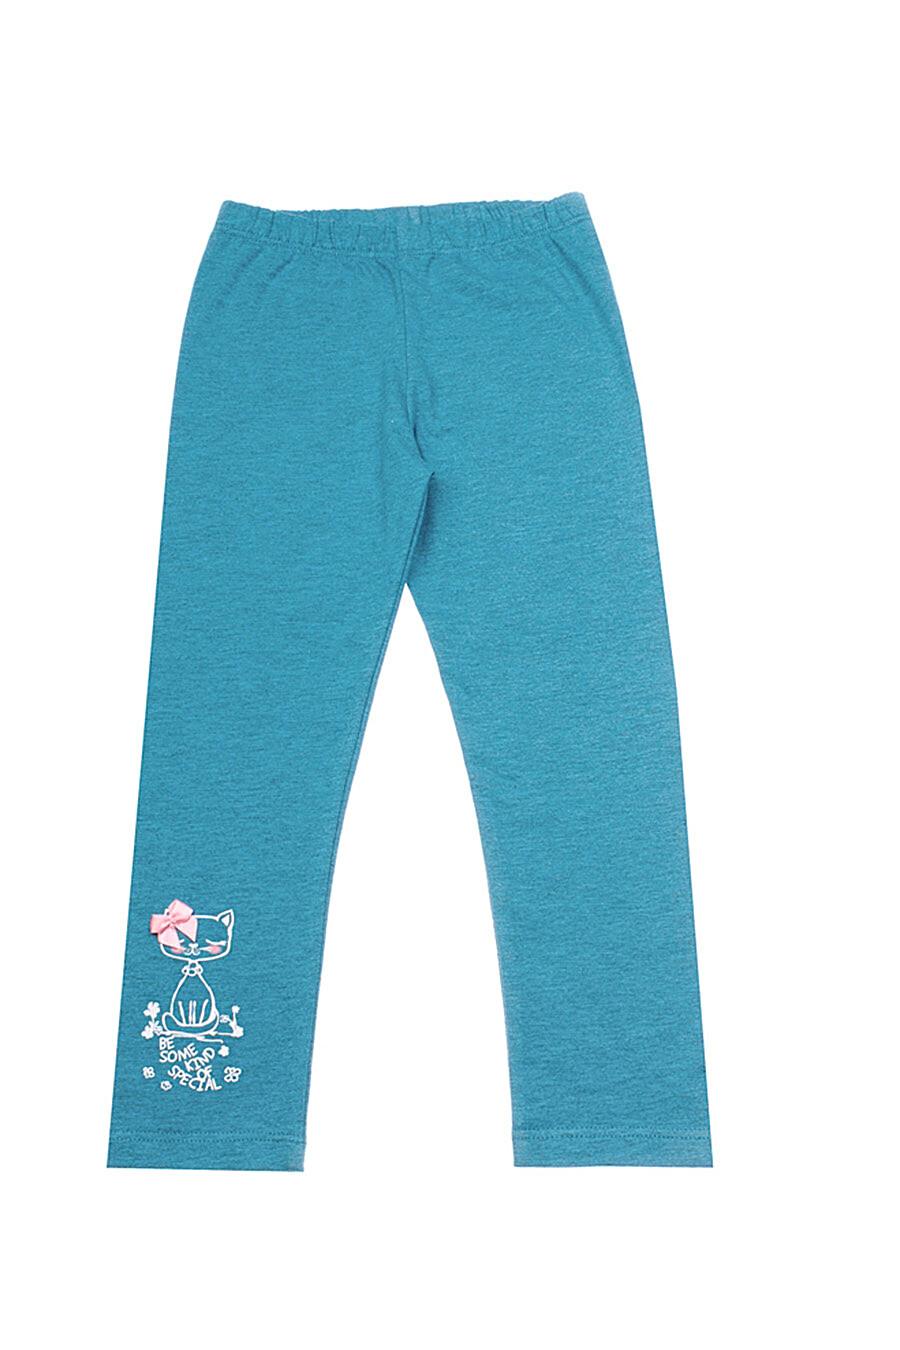 Рейтузы для девочек Archi 130945 купить оптом от производителя. Совместная покупка детской одежды в OptMoyo